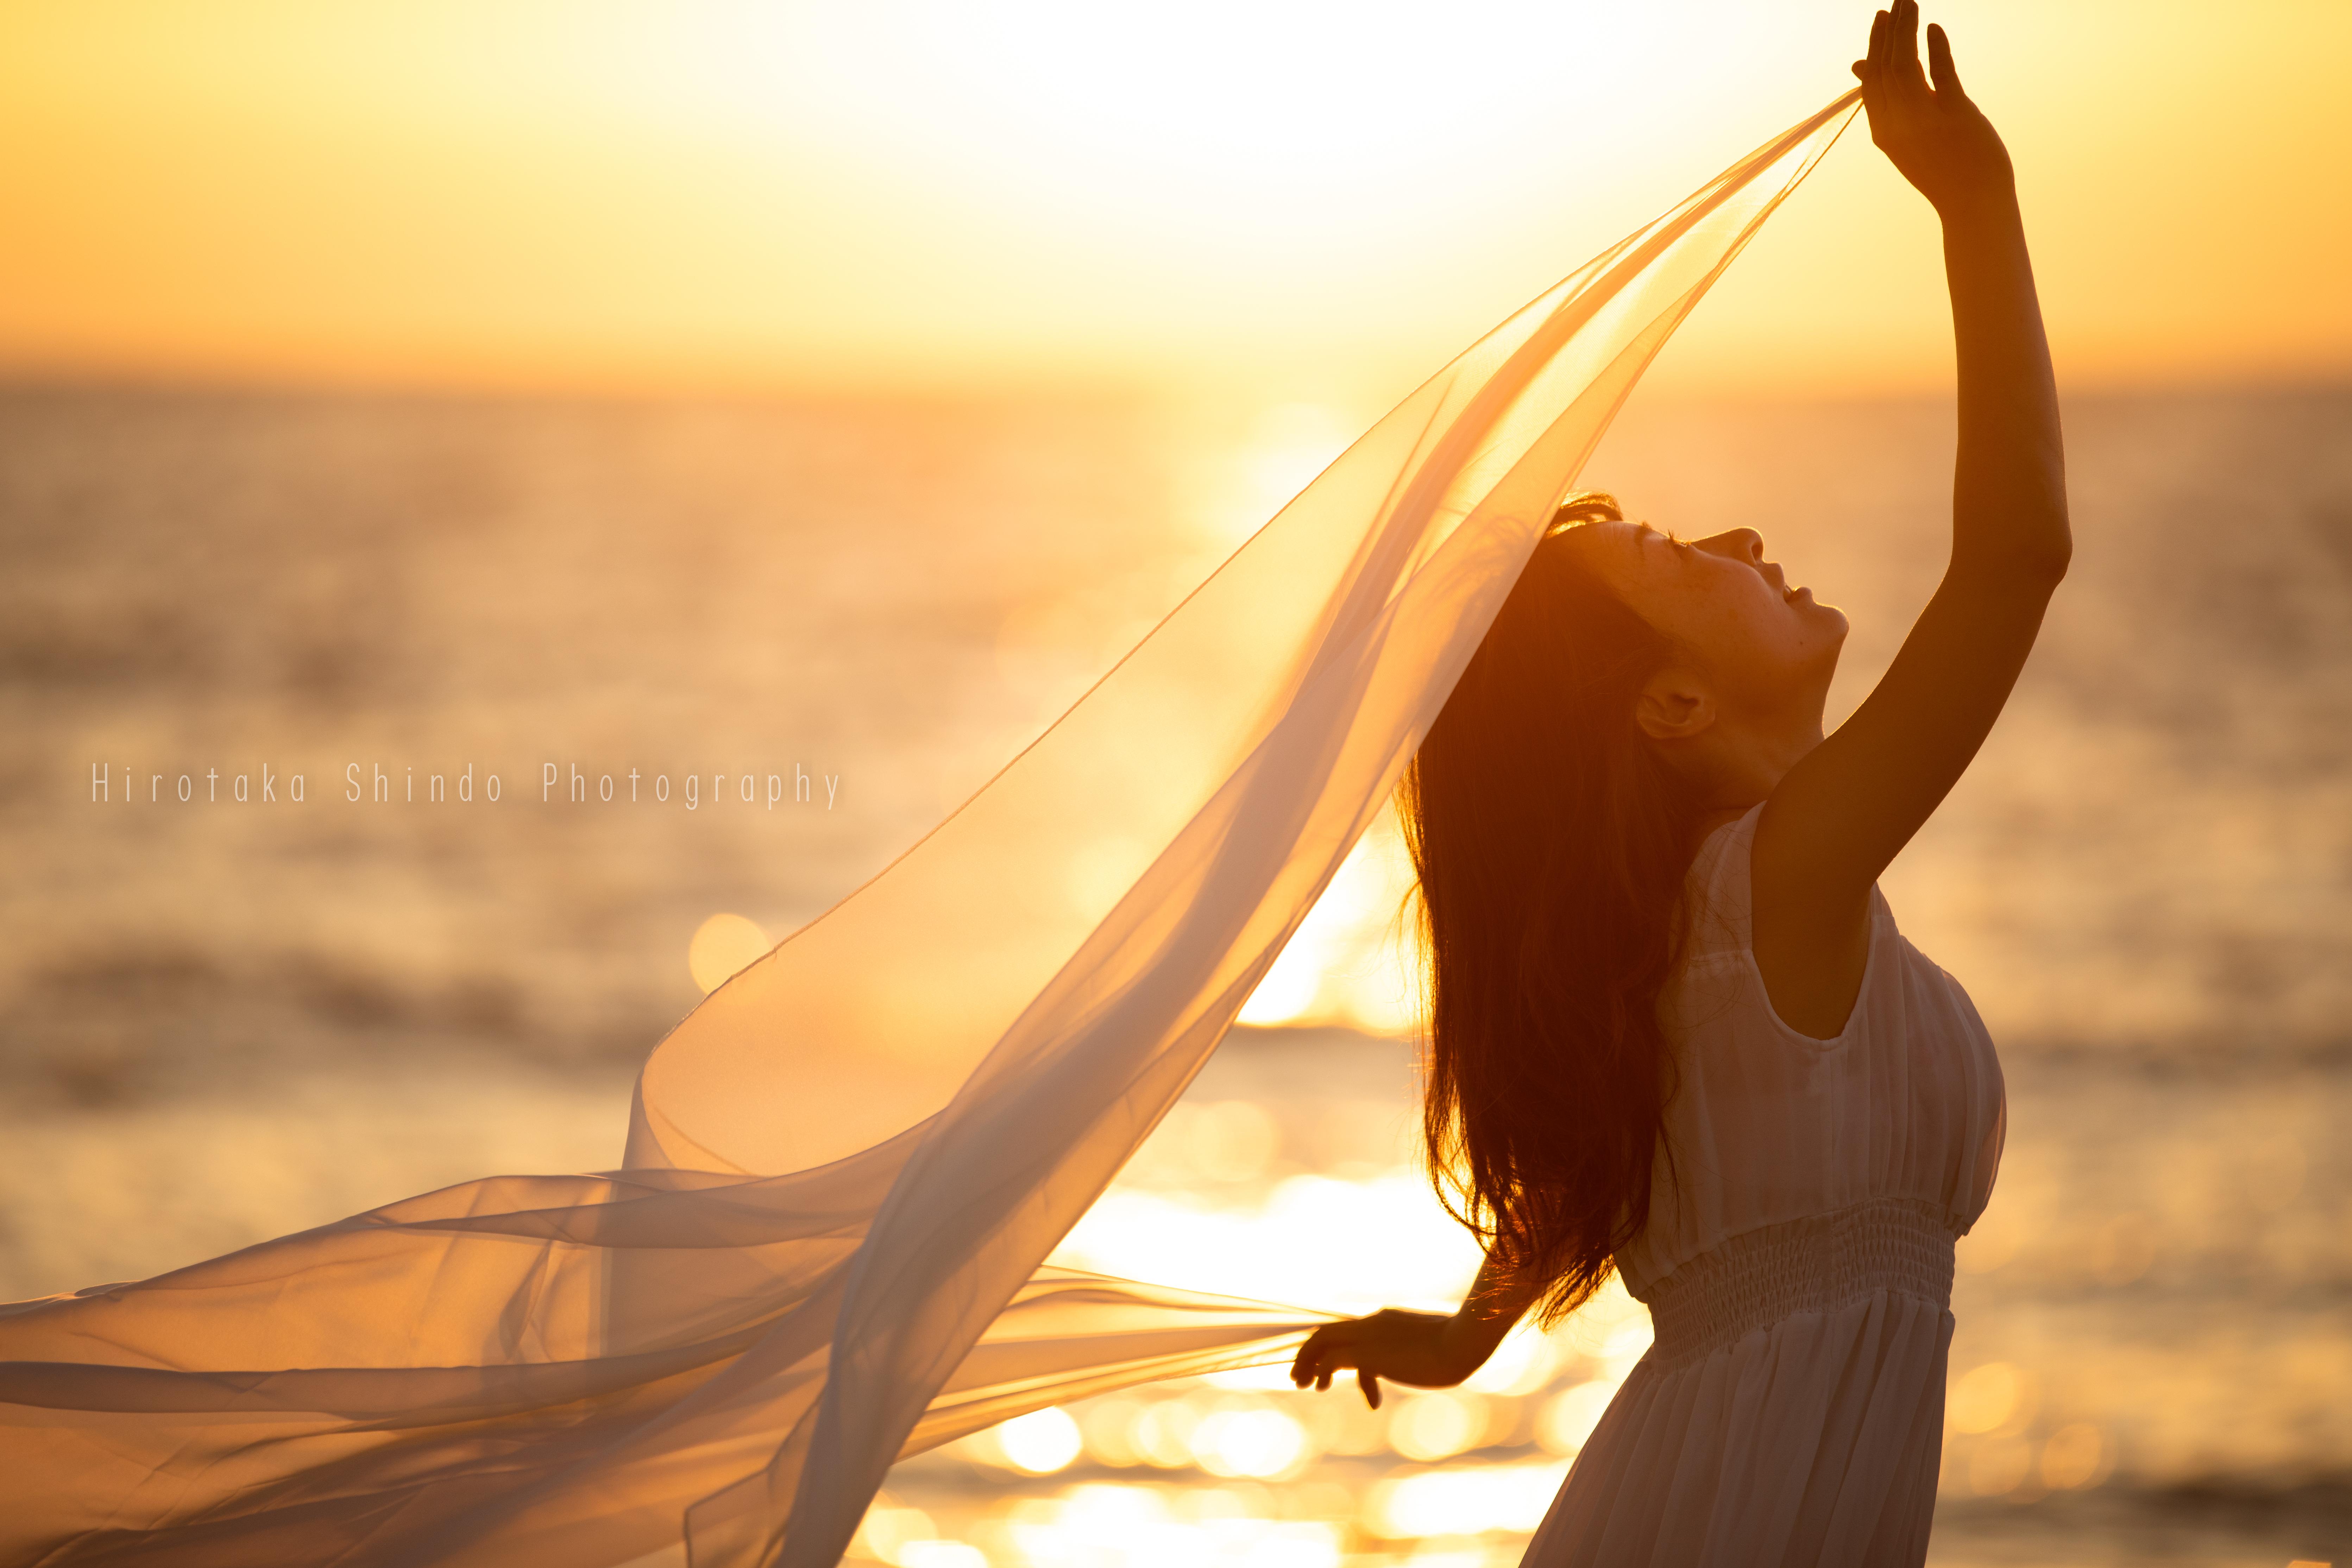 夕陽の中のヴィーナス